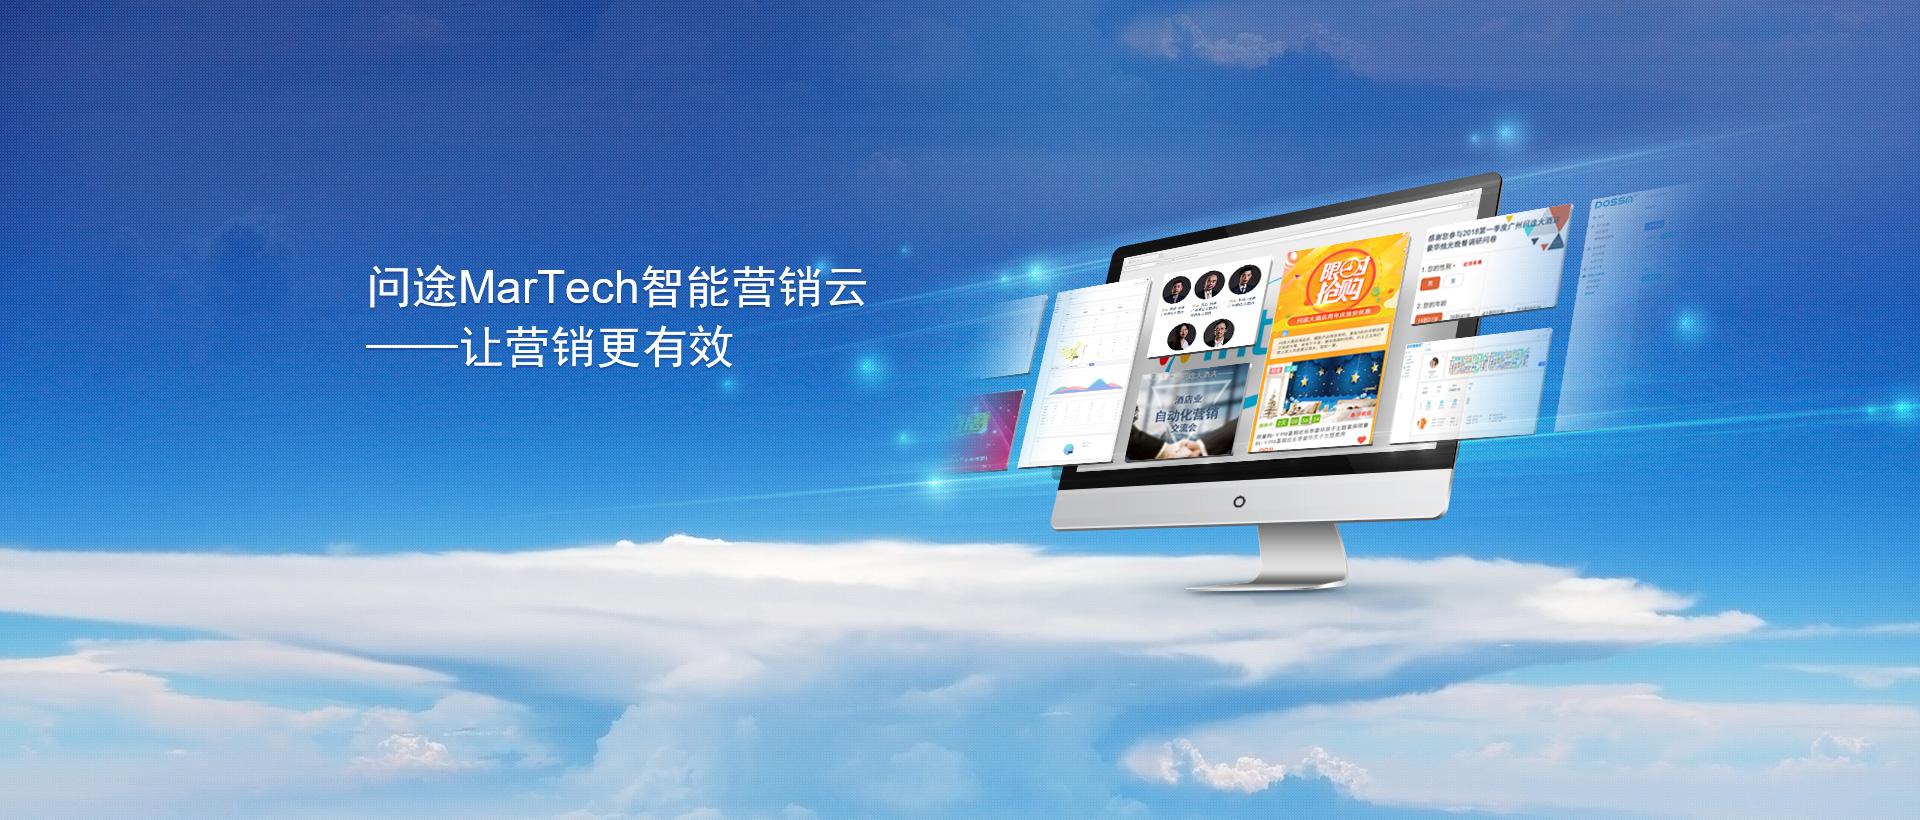 MarTech智能营销云